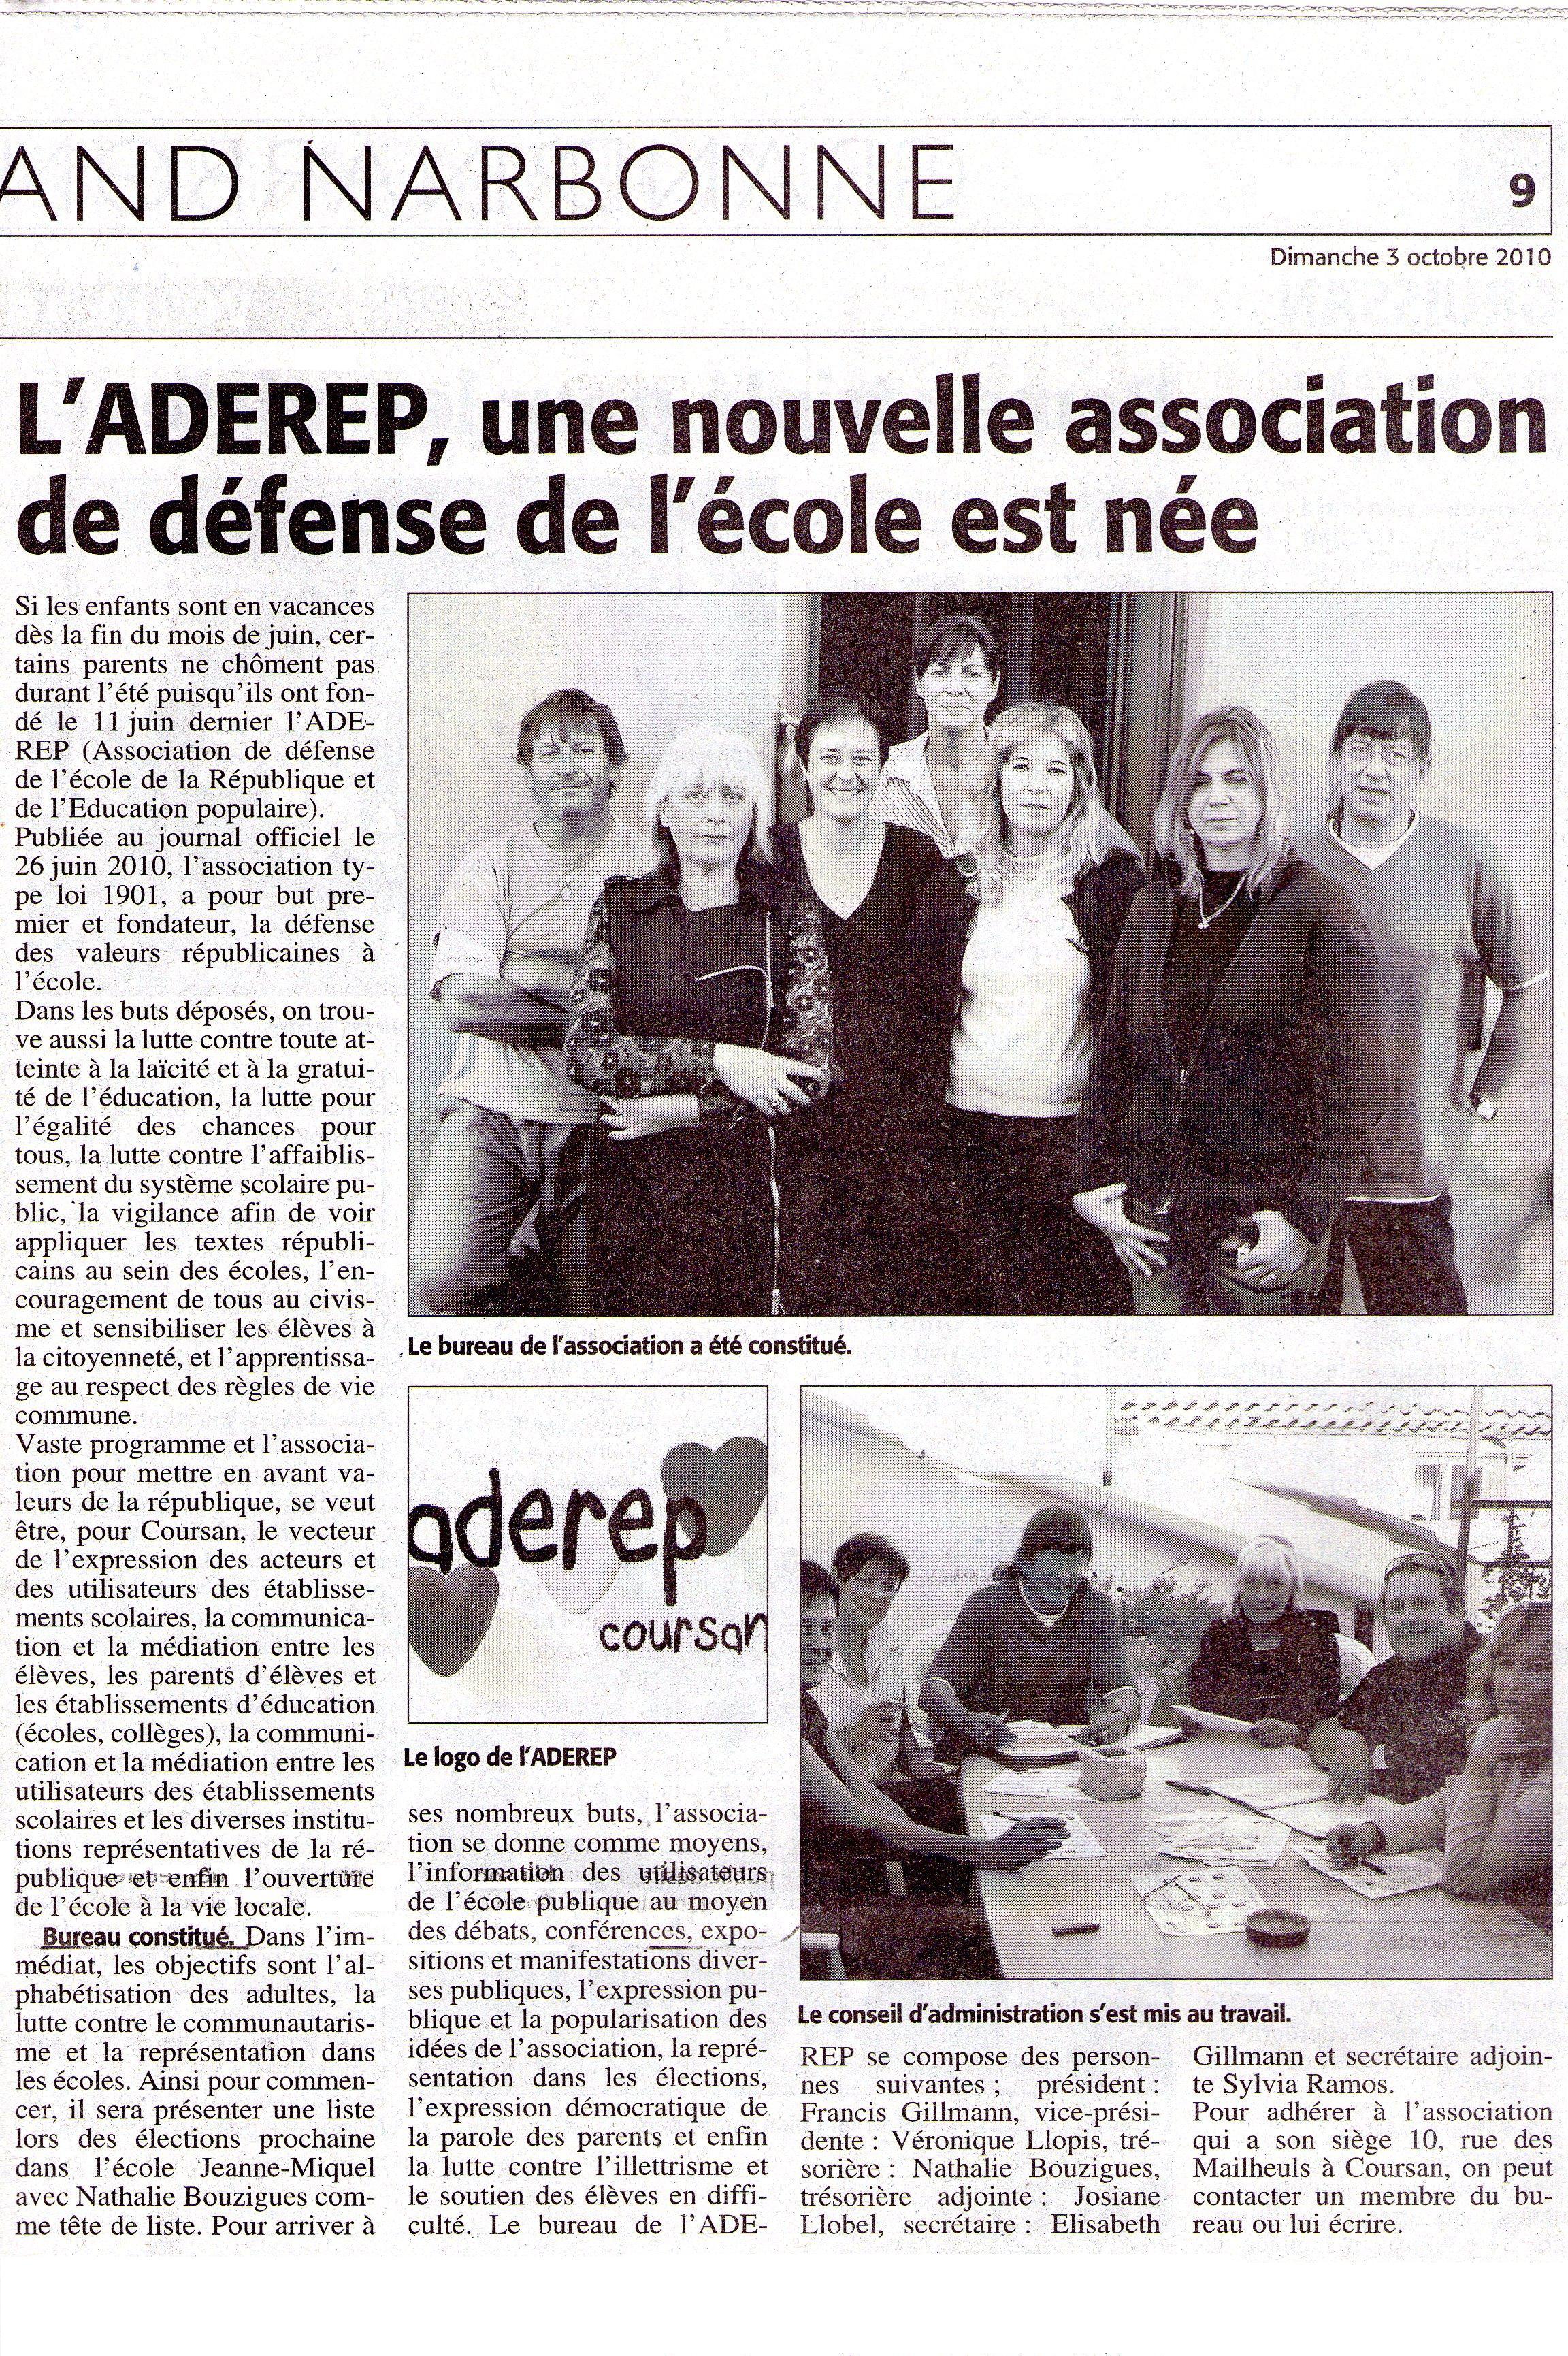 Le Midi Libre du 3 octobre 2010